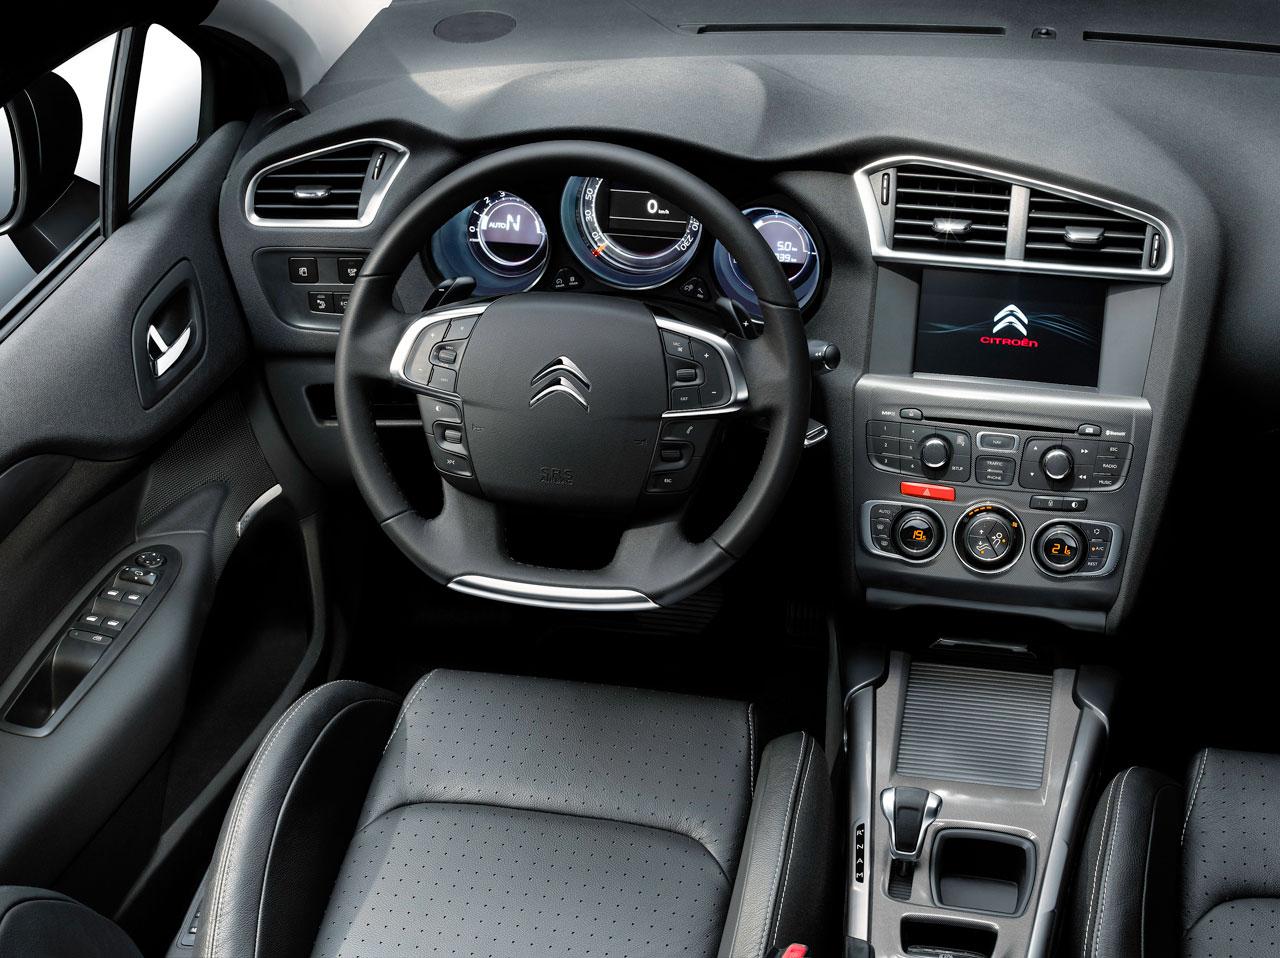 Citroën LPG interieur - Agin BV